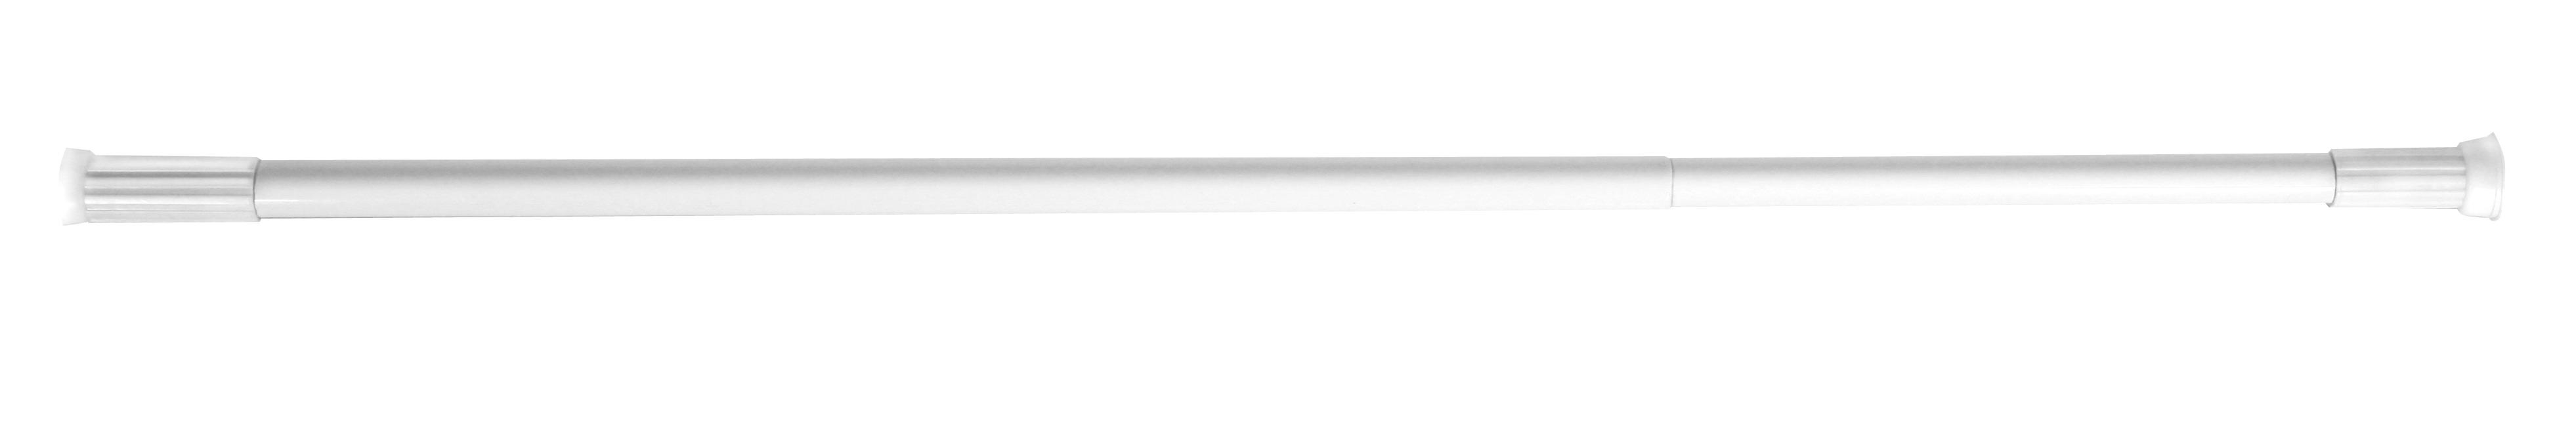 Tyč na sprchový závěs Olsen 70-120 bílá